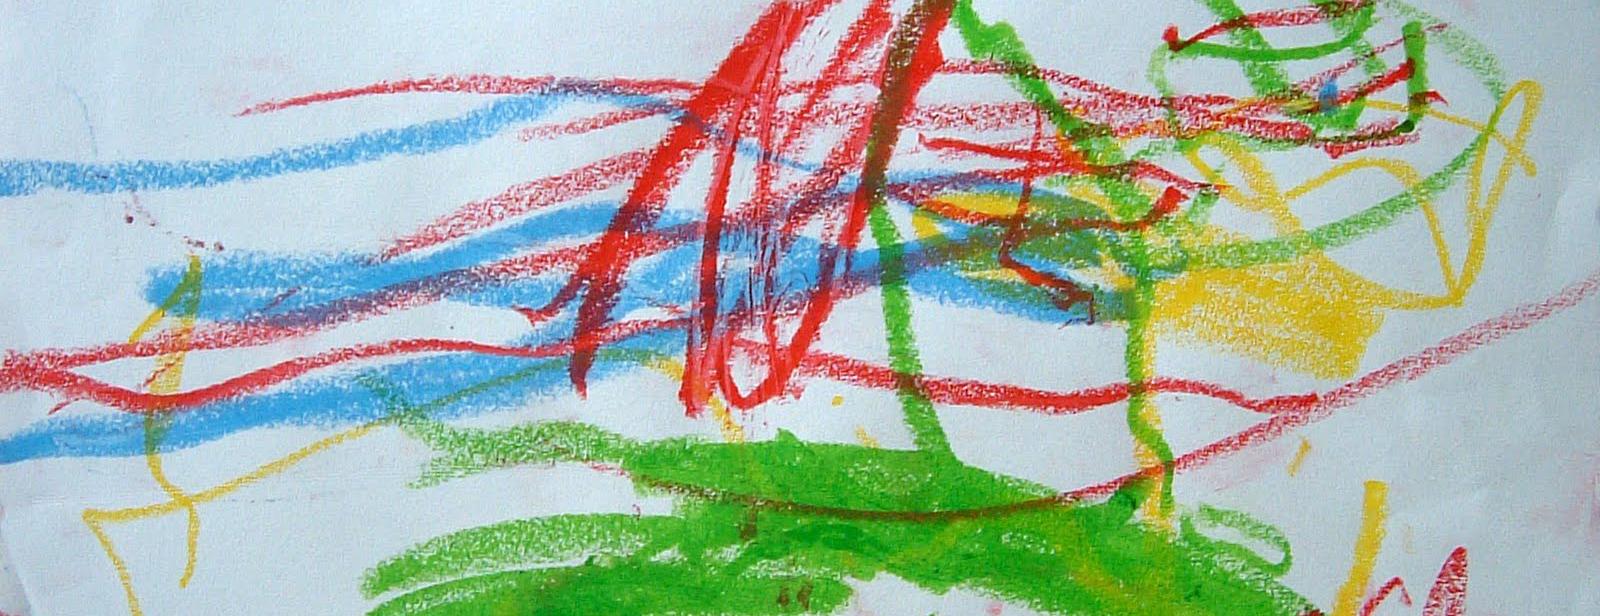 http://umbriaformummy.com/2014/10/07/i-disegni-dei-bambini-non-chiamatemi-scarabocchio/